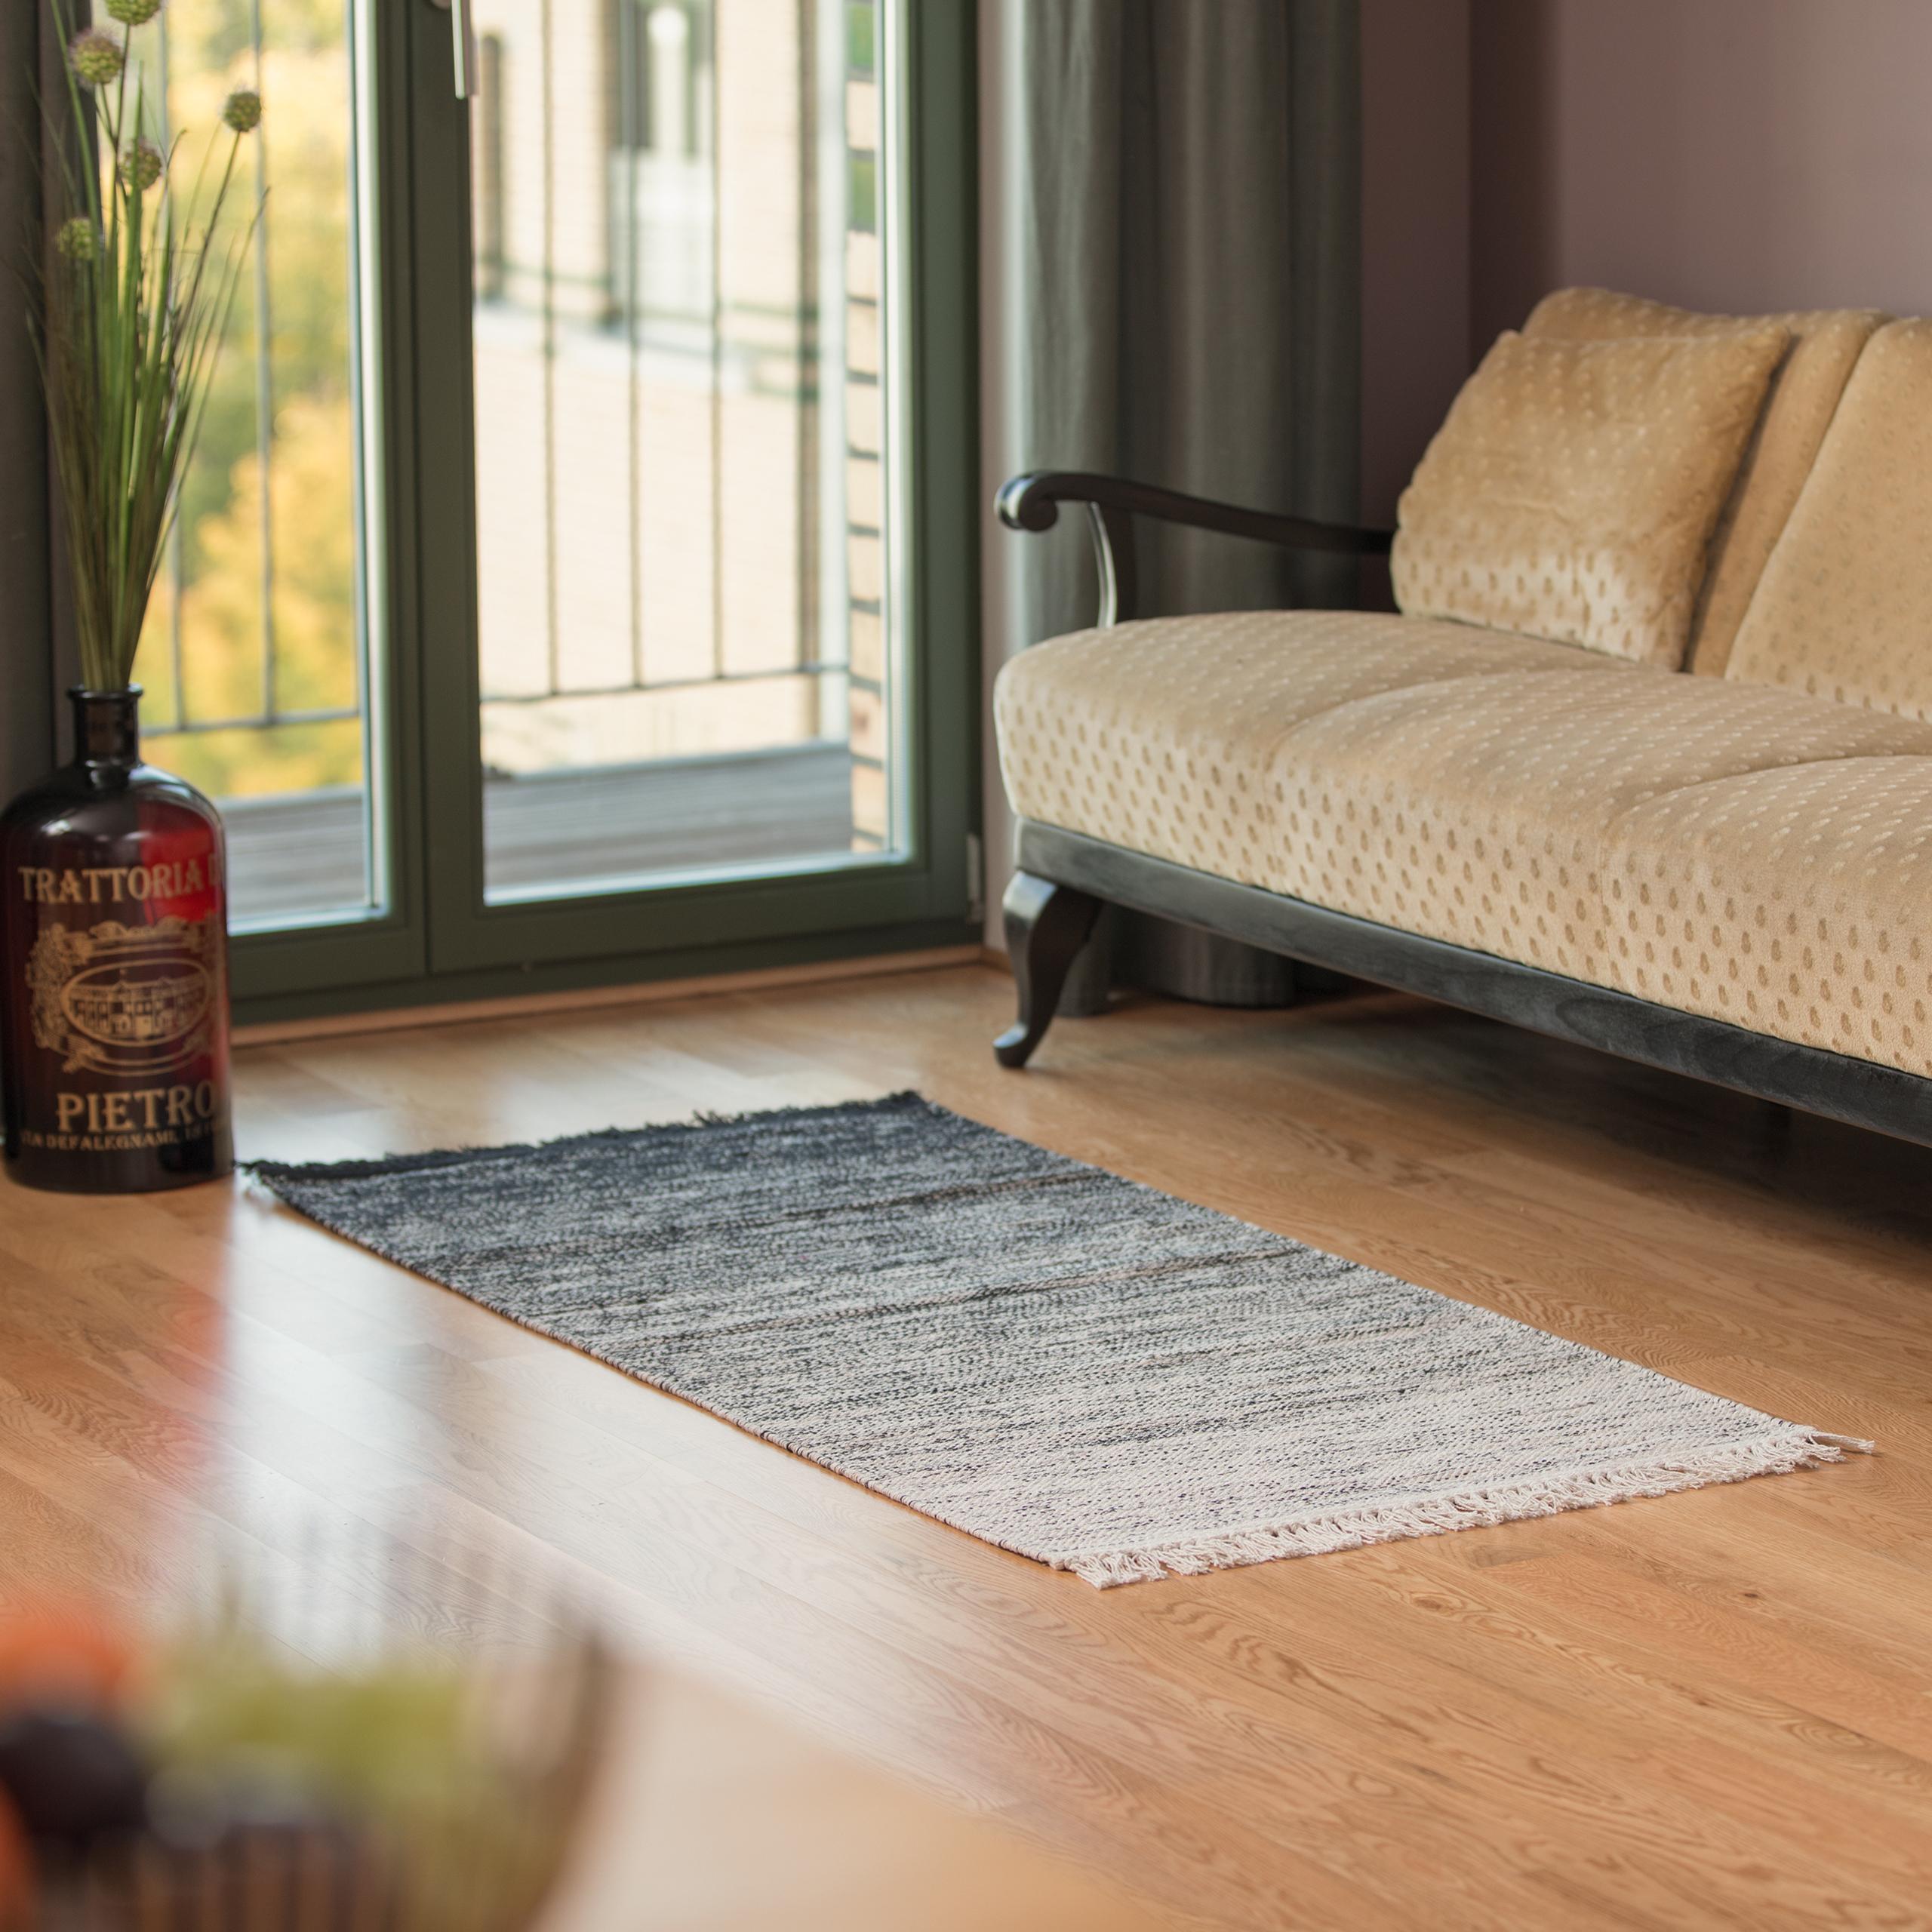 Kurzflor 3 Größen Baumwolle Läufer Dielenläufer Teppichläufer Flur Fußmatte